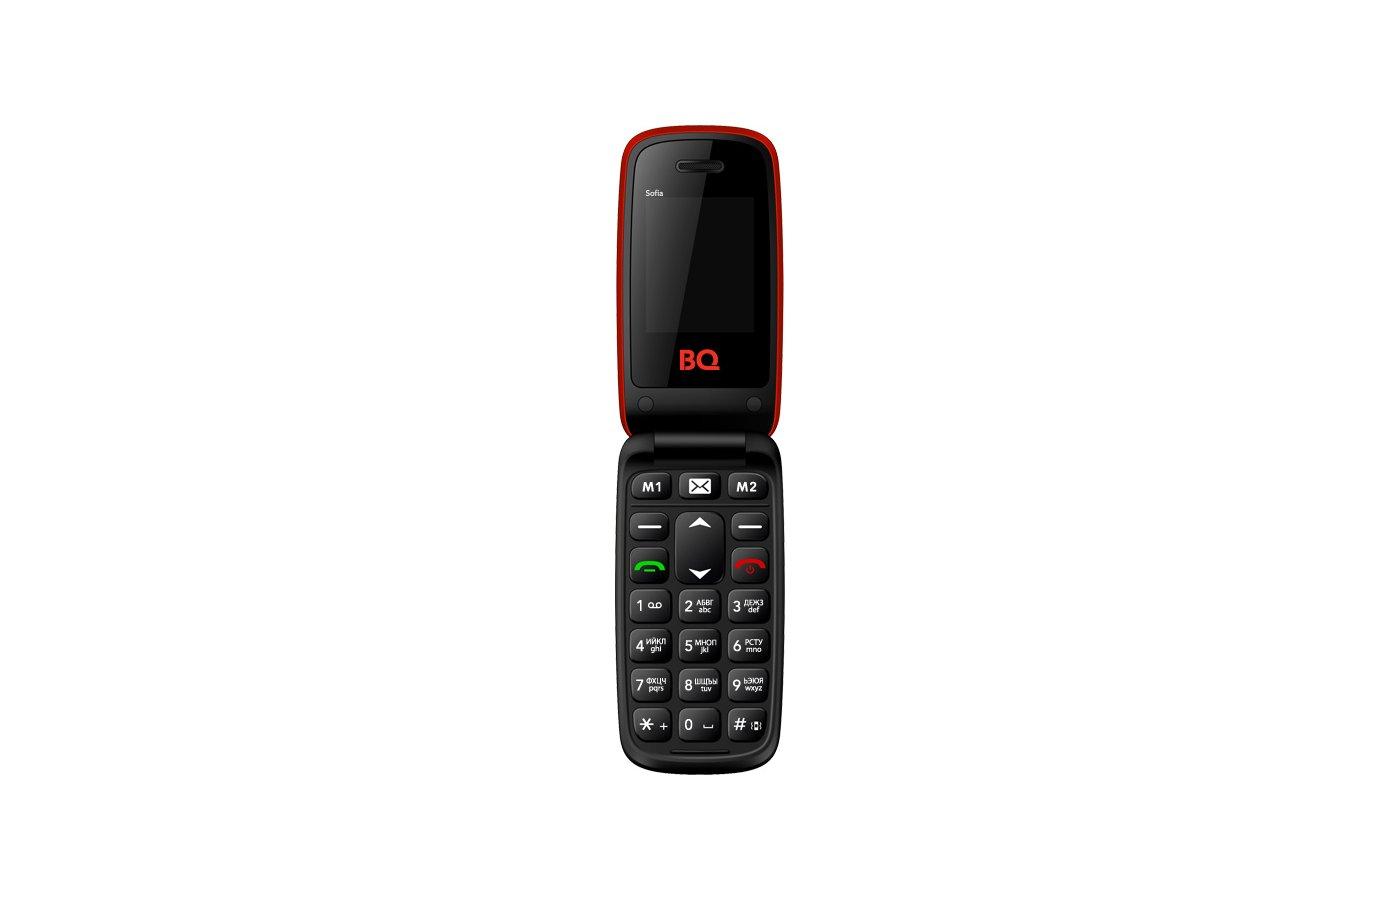 Мобильный телефон BQ BQM-2001 Sofia Red